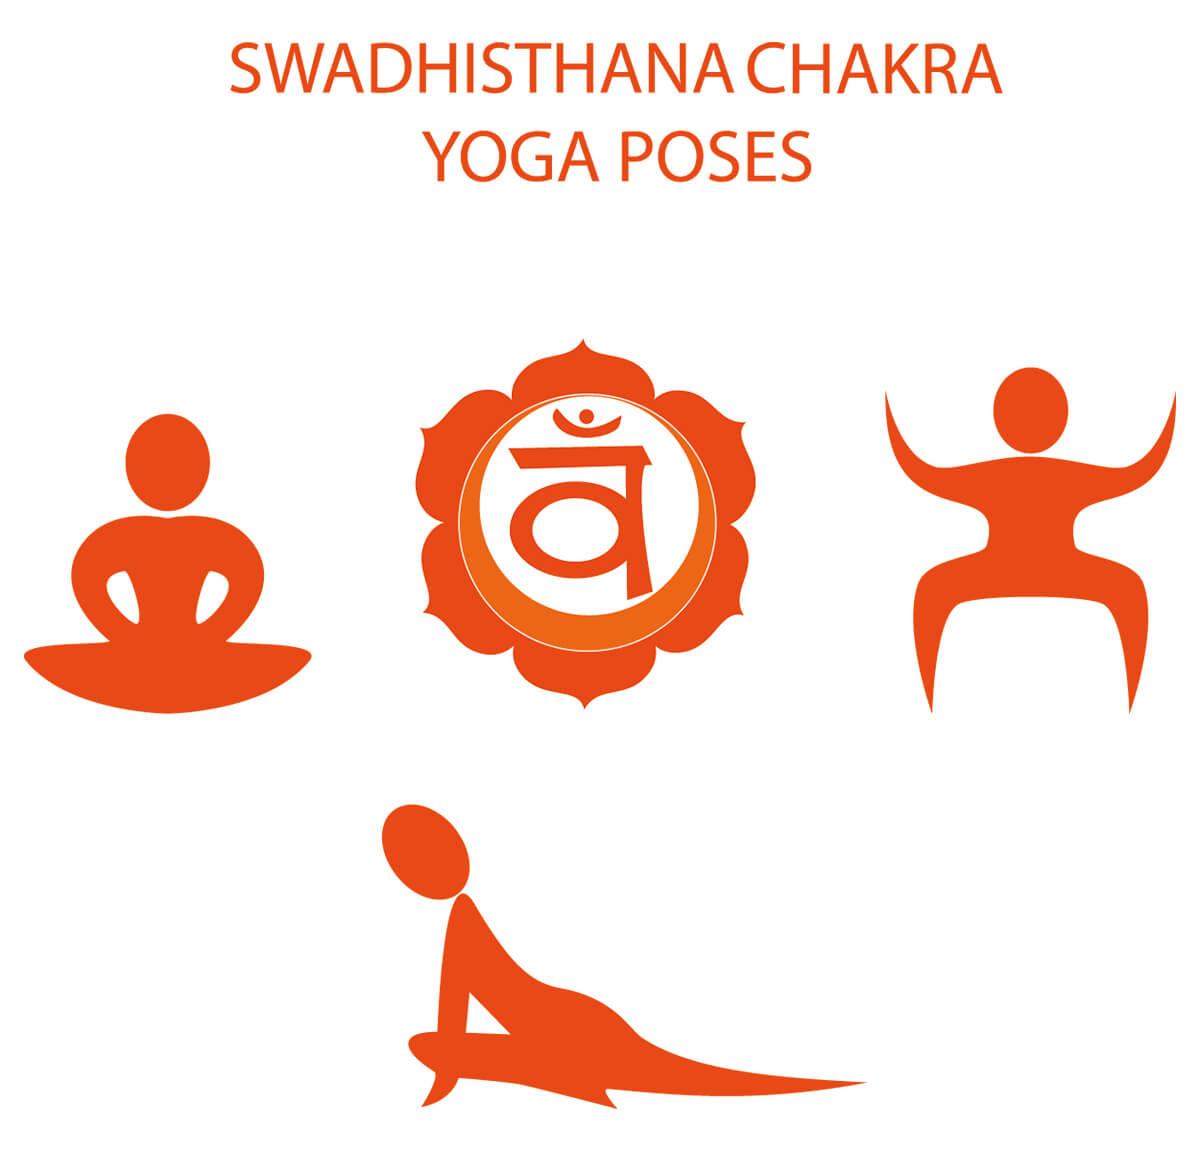 Jnana yoga essay